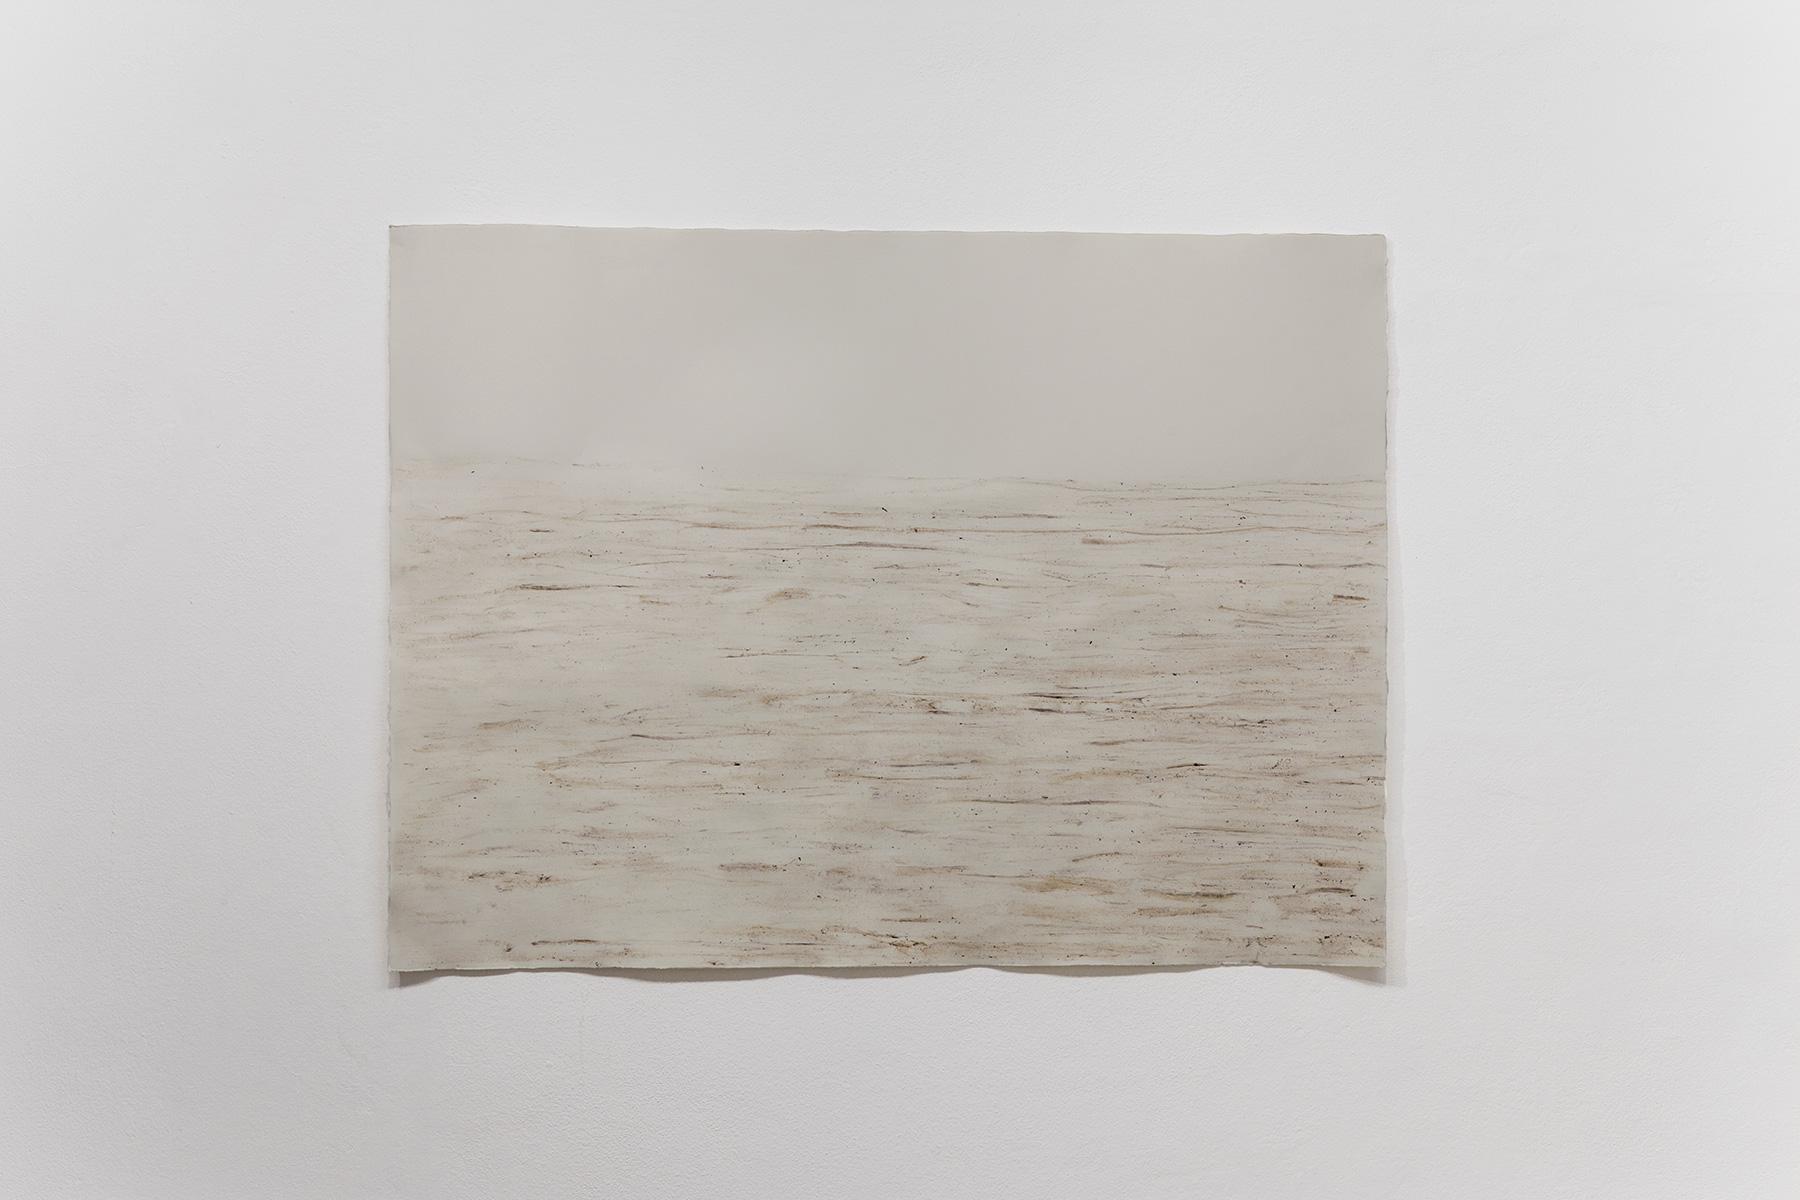 06-graziano-folata-maree-carta-da-incisione-meduse-80x106cm-2013